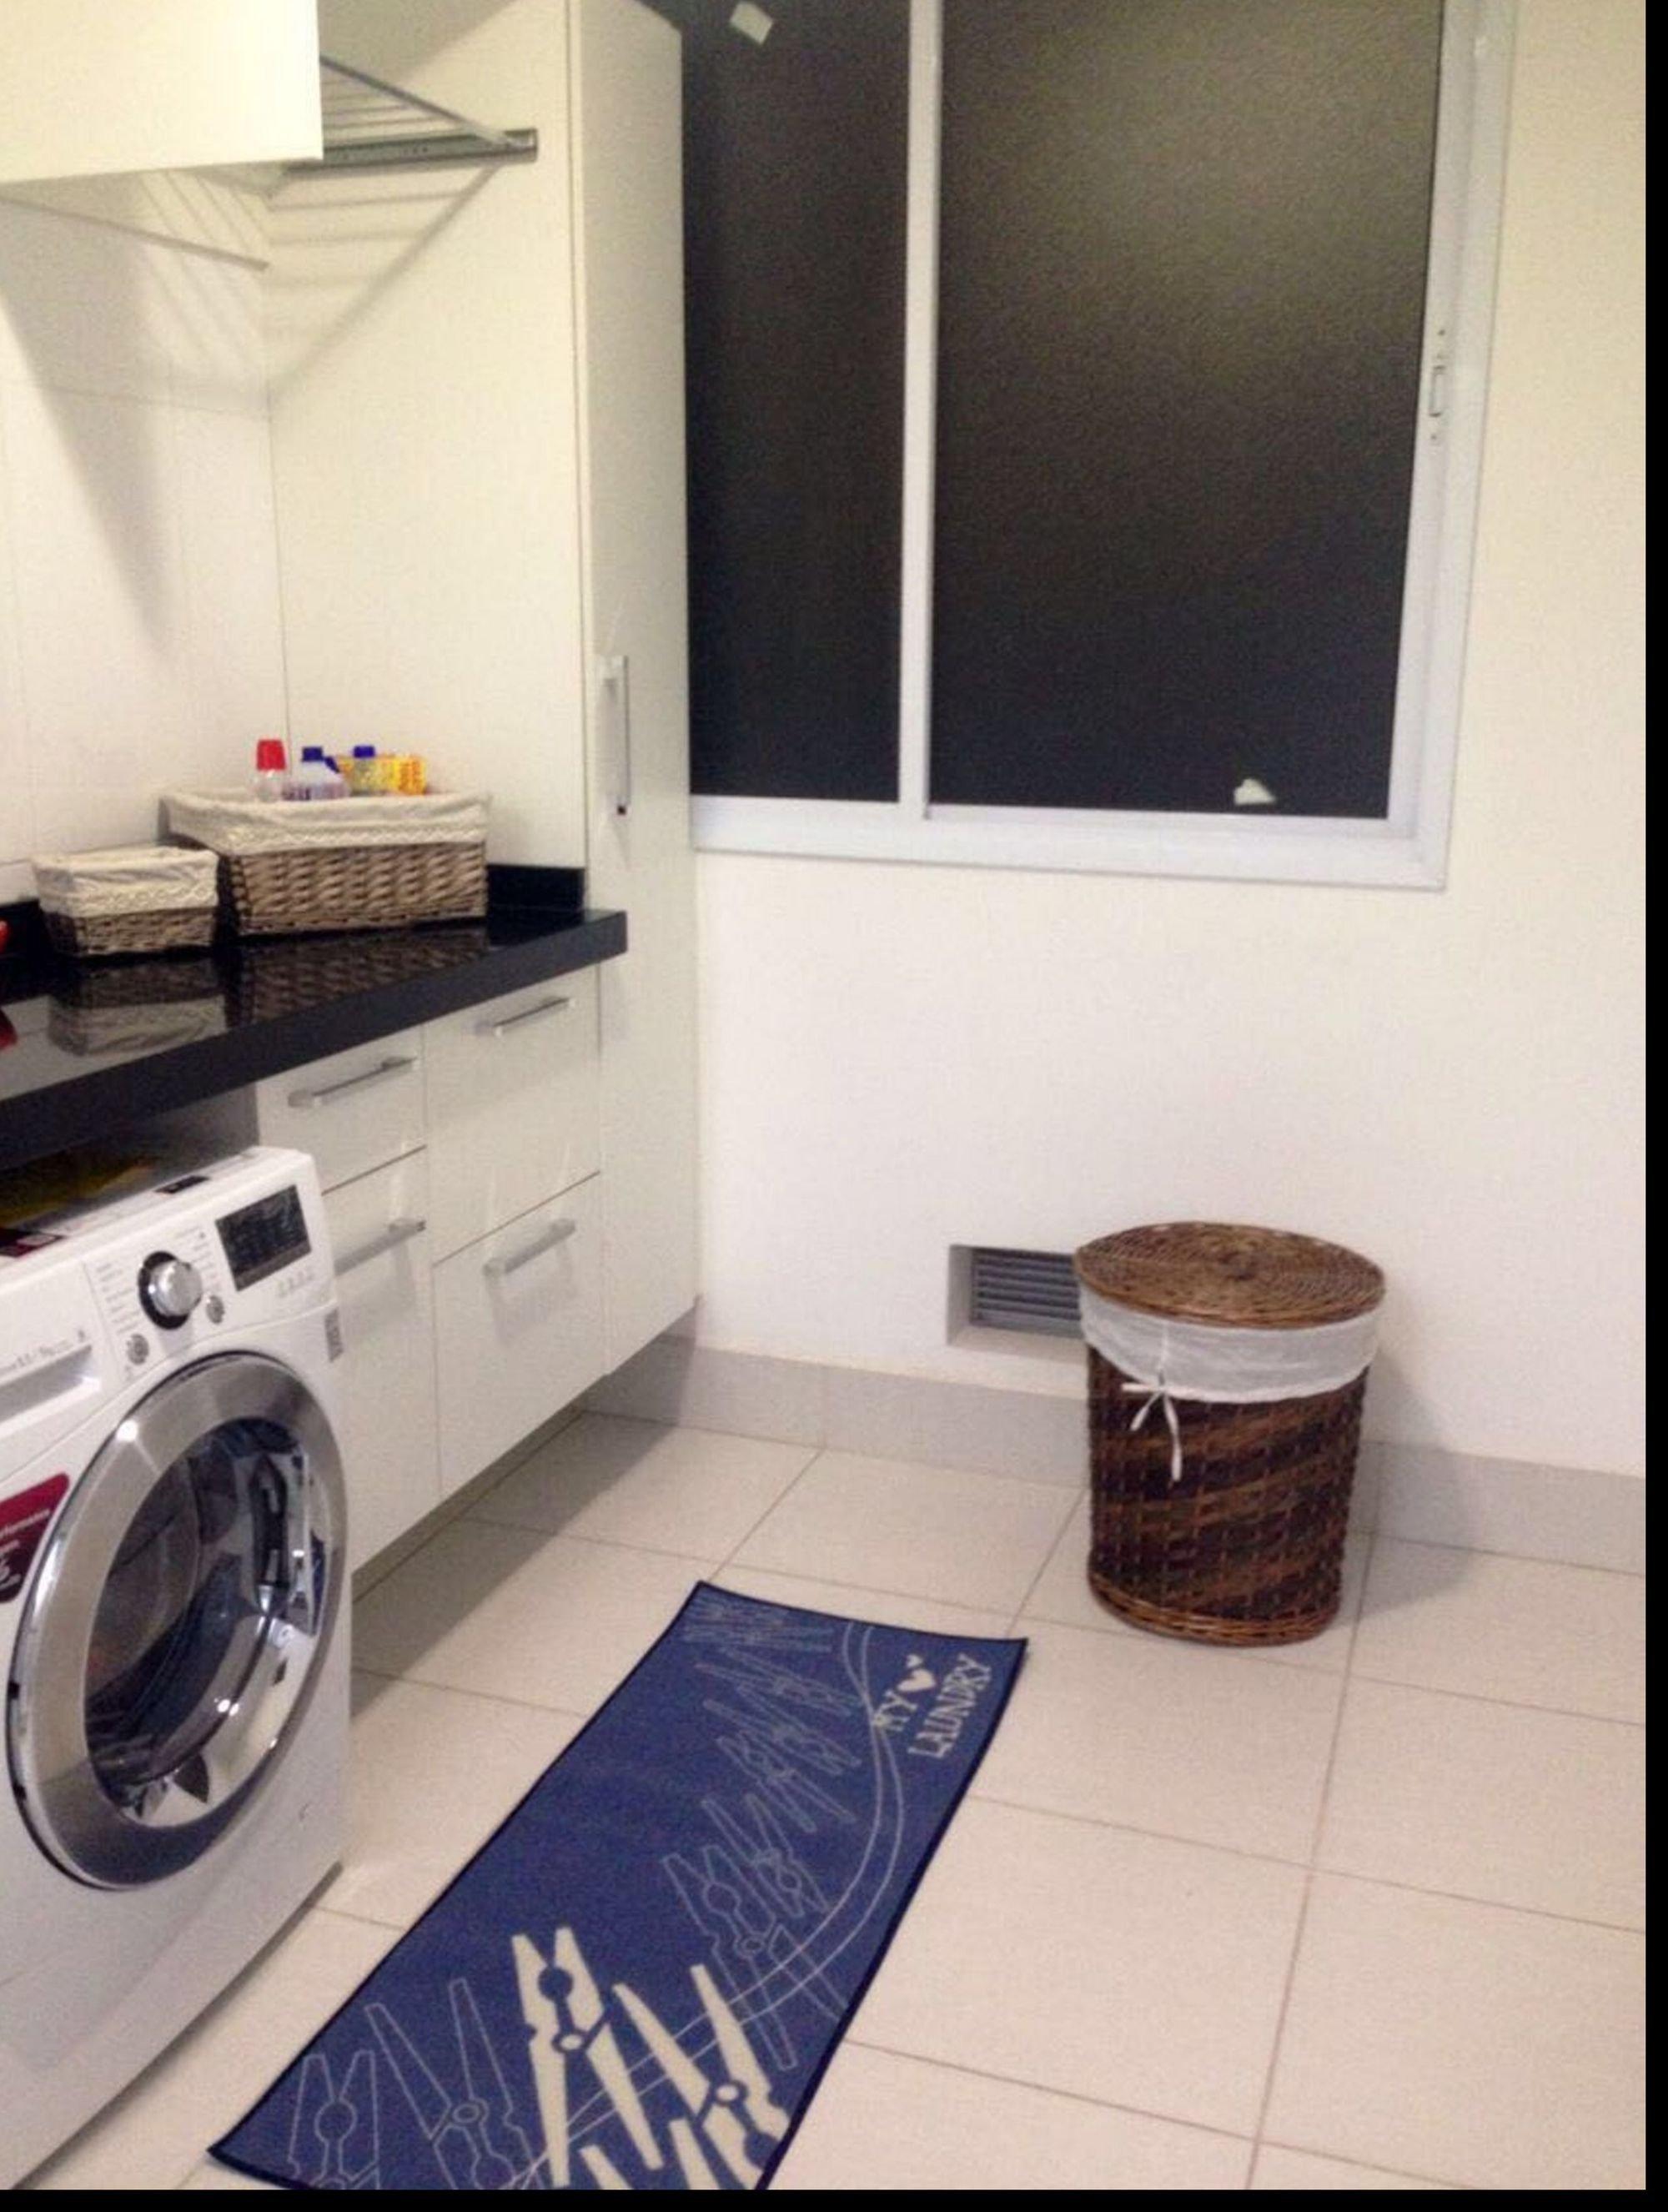 Foto de Cozinha com televisão, forno, pia, cadeira, mesa de jantar, tigela, geladeira, microondas